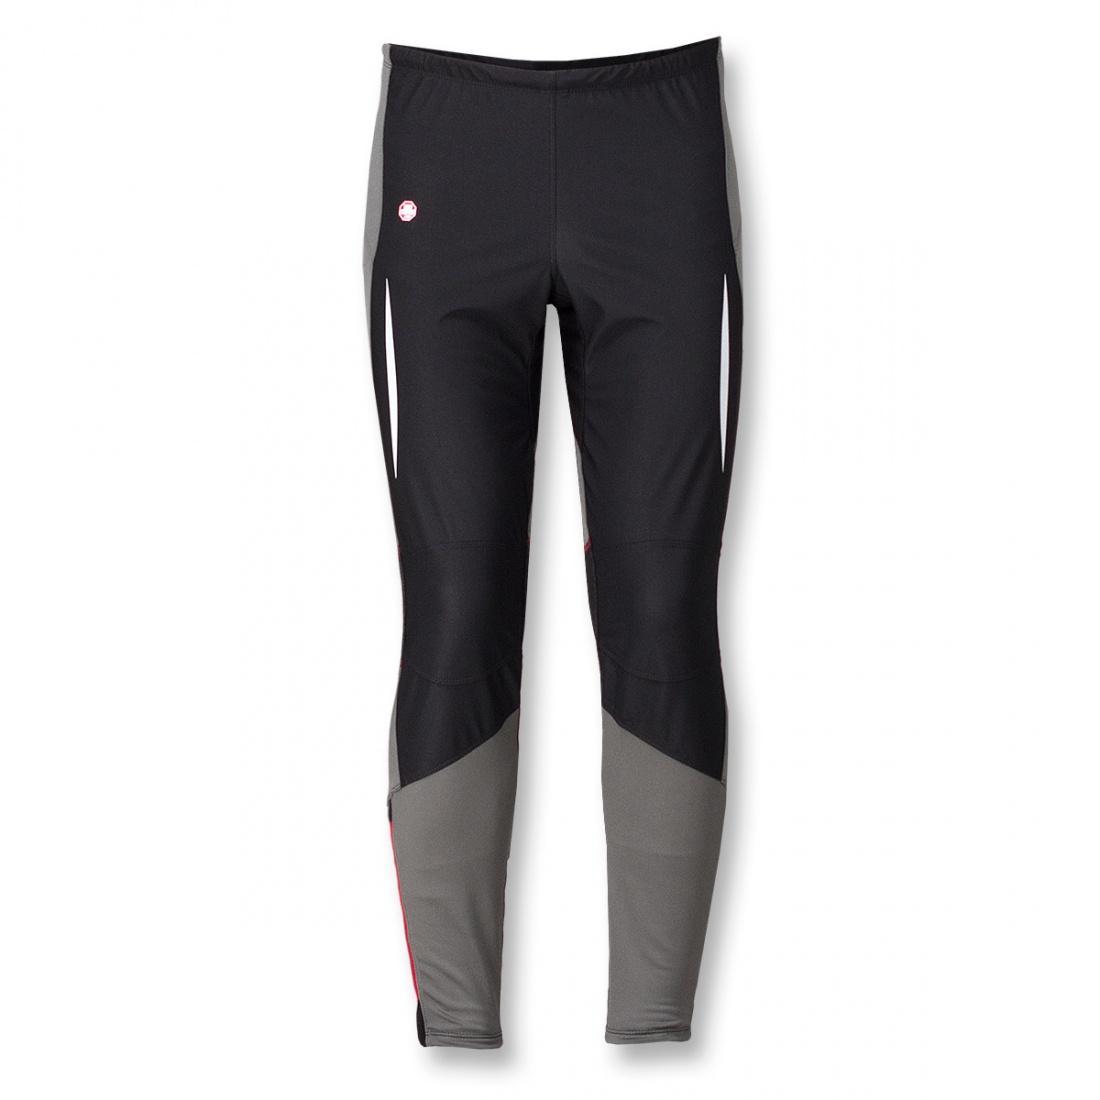 Брюки MultiБрюки, штаны<br><br><br>Цвет: Темно-серый<br>Размер: 52